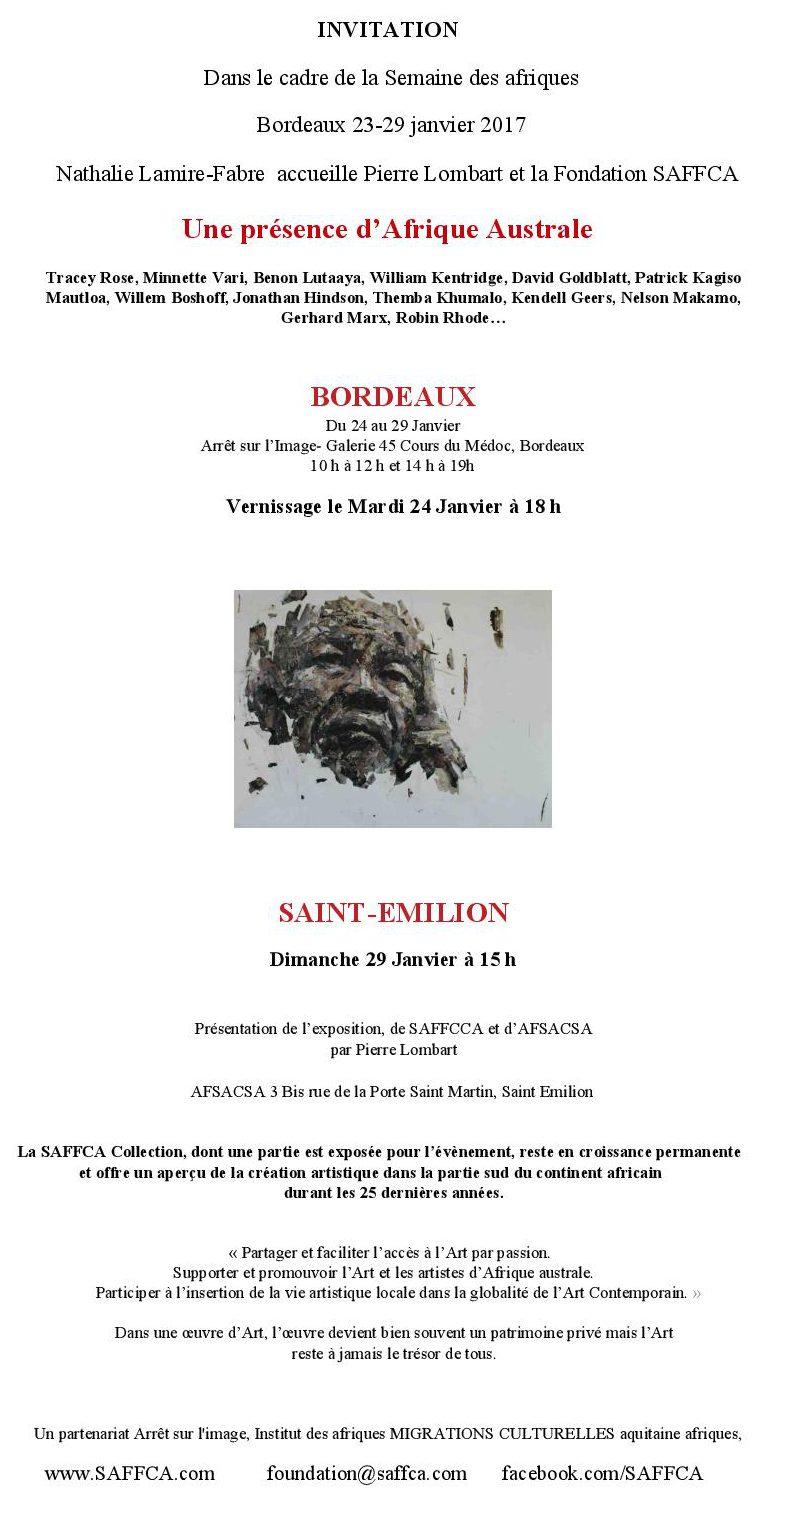 invitation-pour-bordeaux-et-st-emilion-page-001